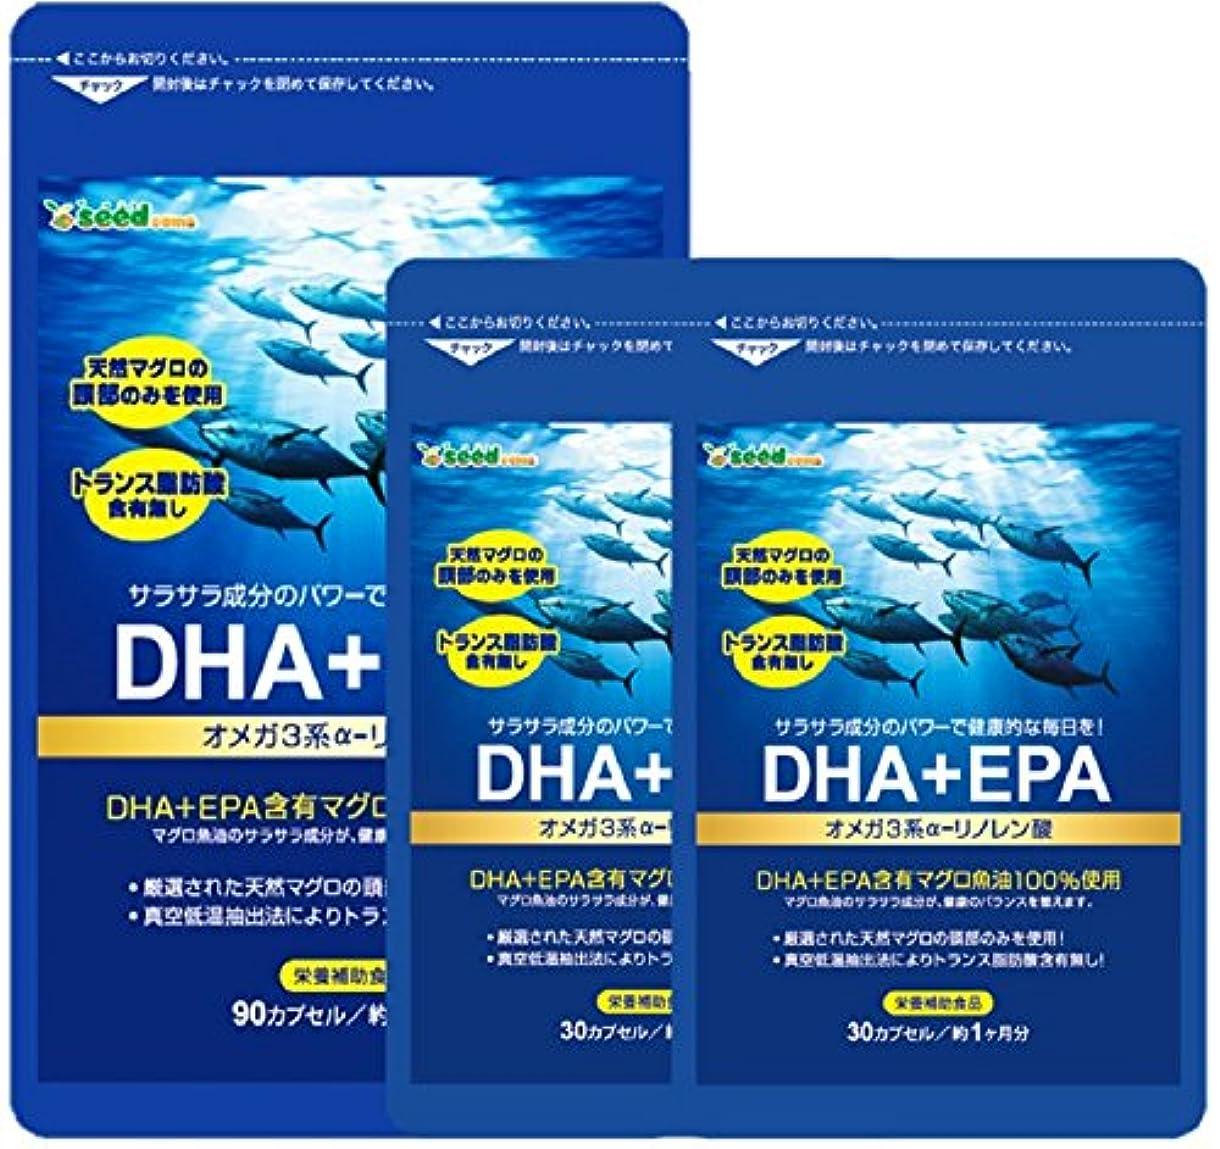 列挙するおもちゃホイッスルDHA + EPA 約5ヶ月分/150粒 ( オメガ系 α-リノレン酸 )トランス脂肪酸 0㎎